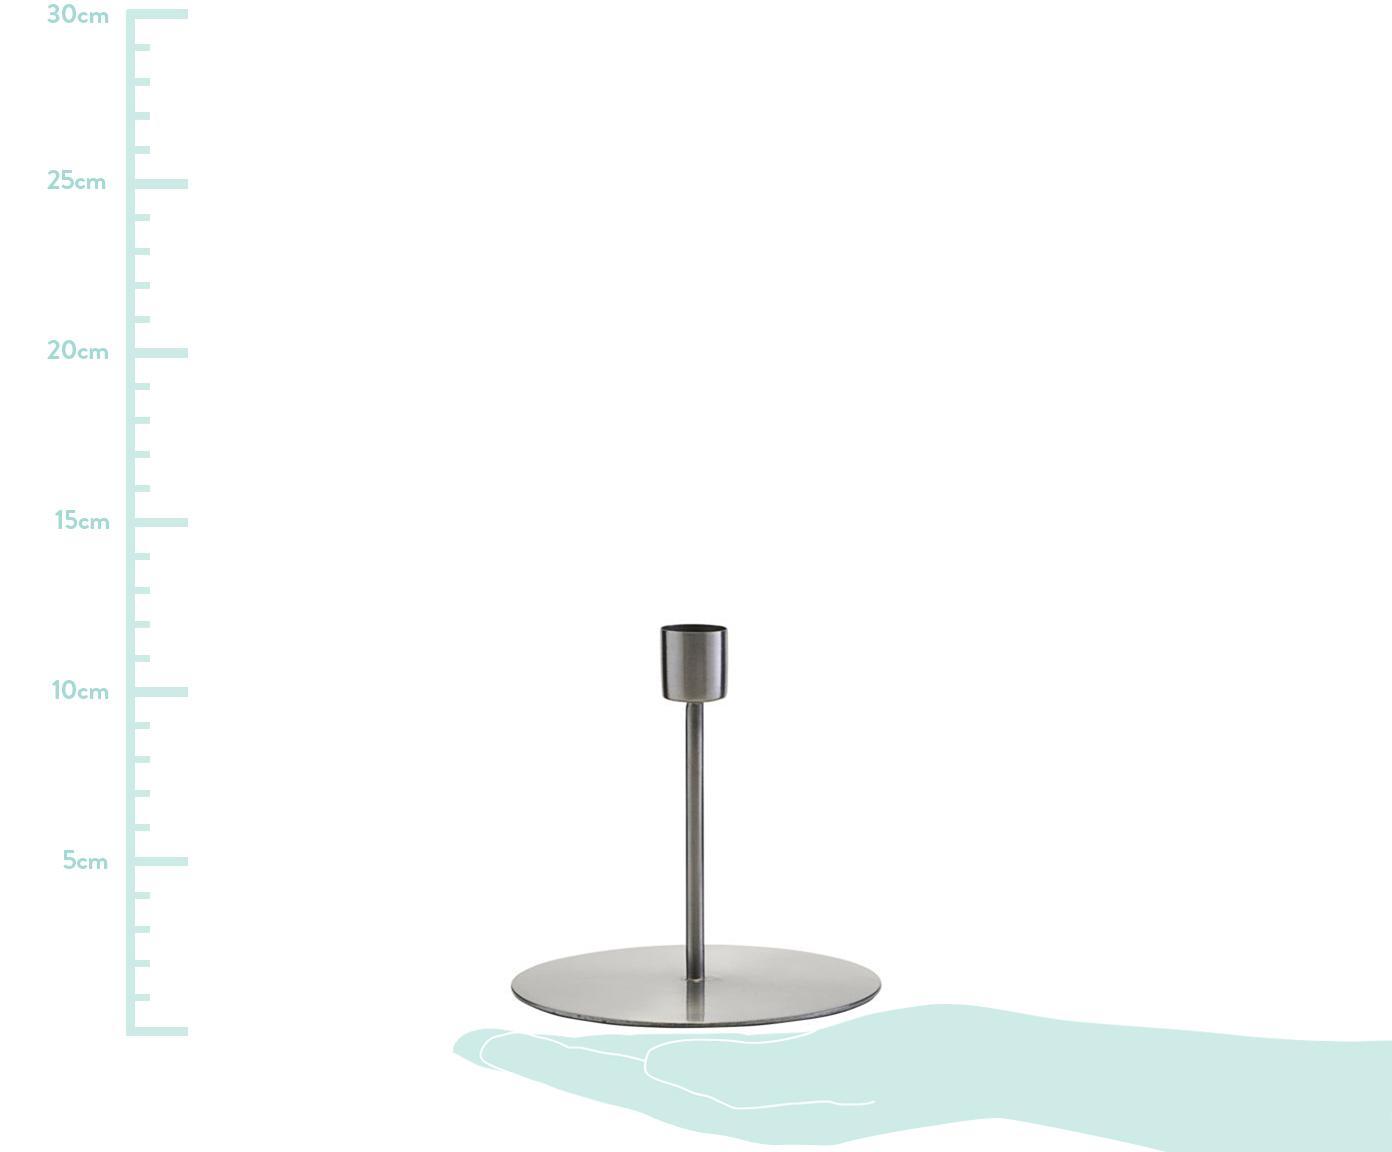 Kerzenhalter Anit, Metall, Metall, Ø 13 x H 12 cm